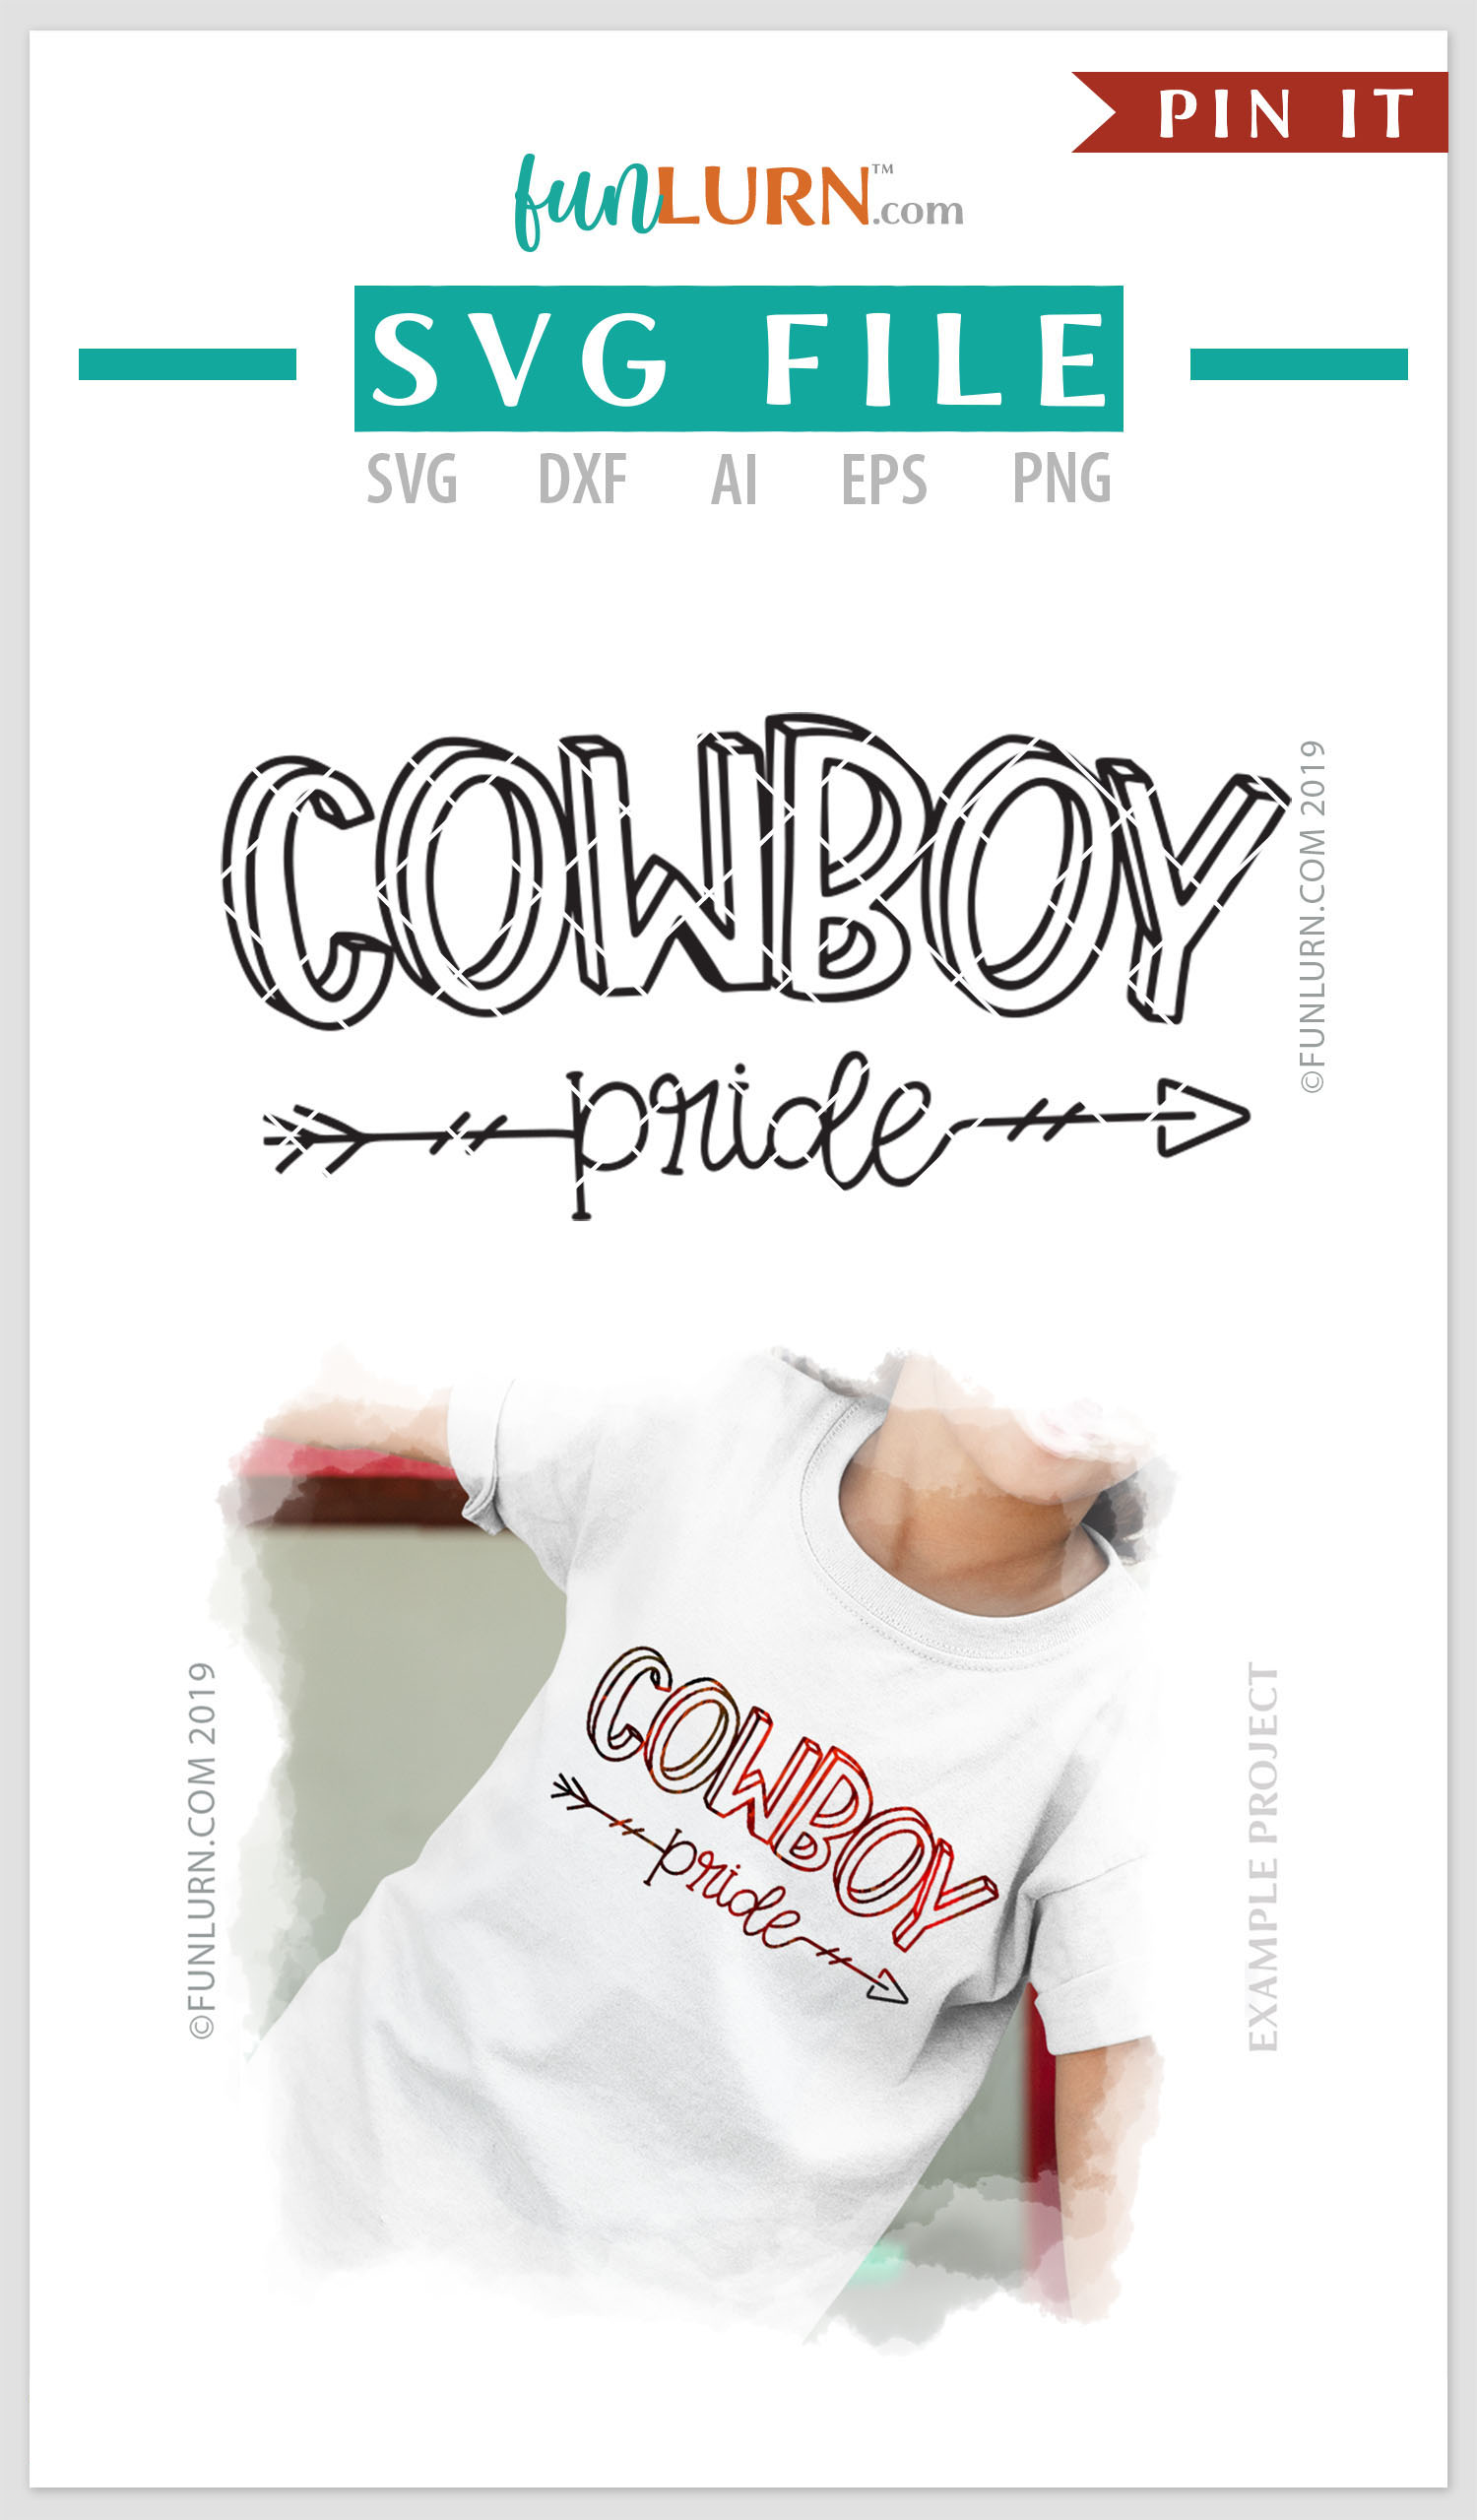 Cowboy Pride Team SVG Cut File example image 4